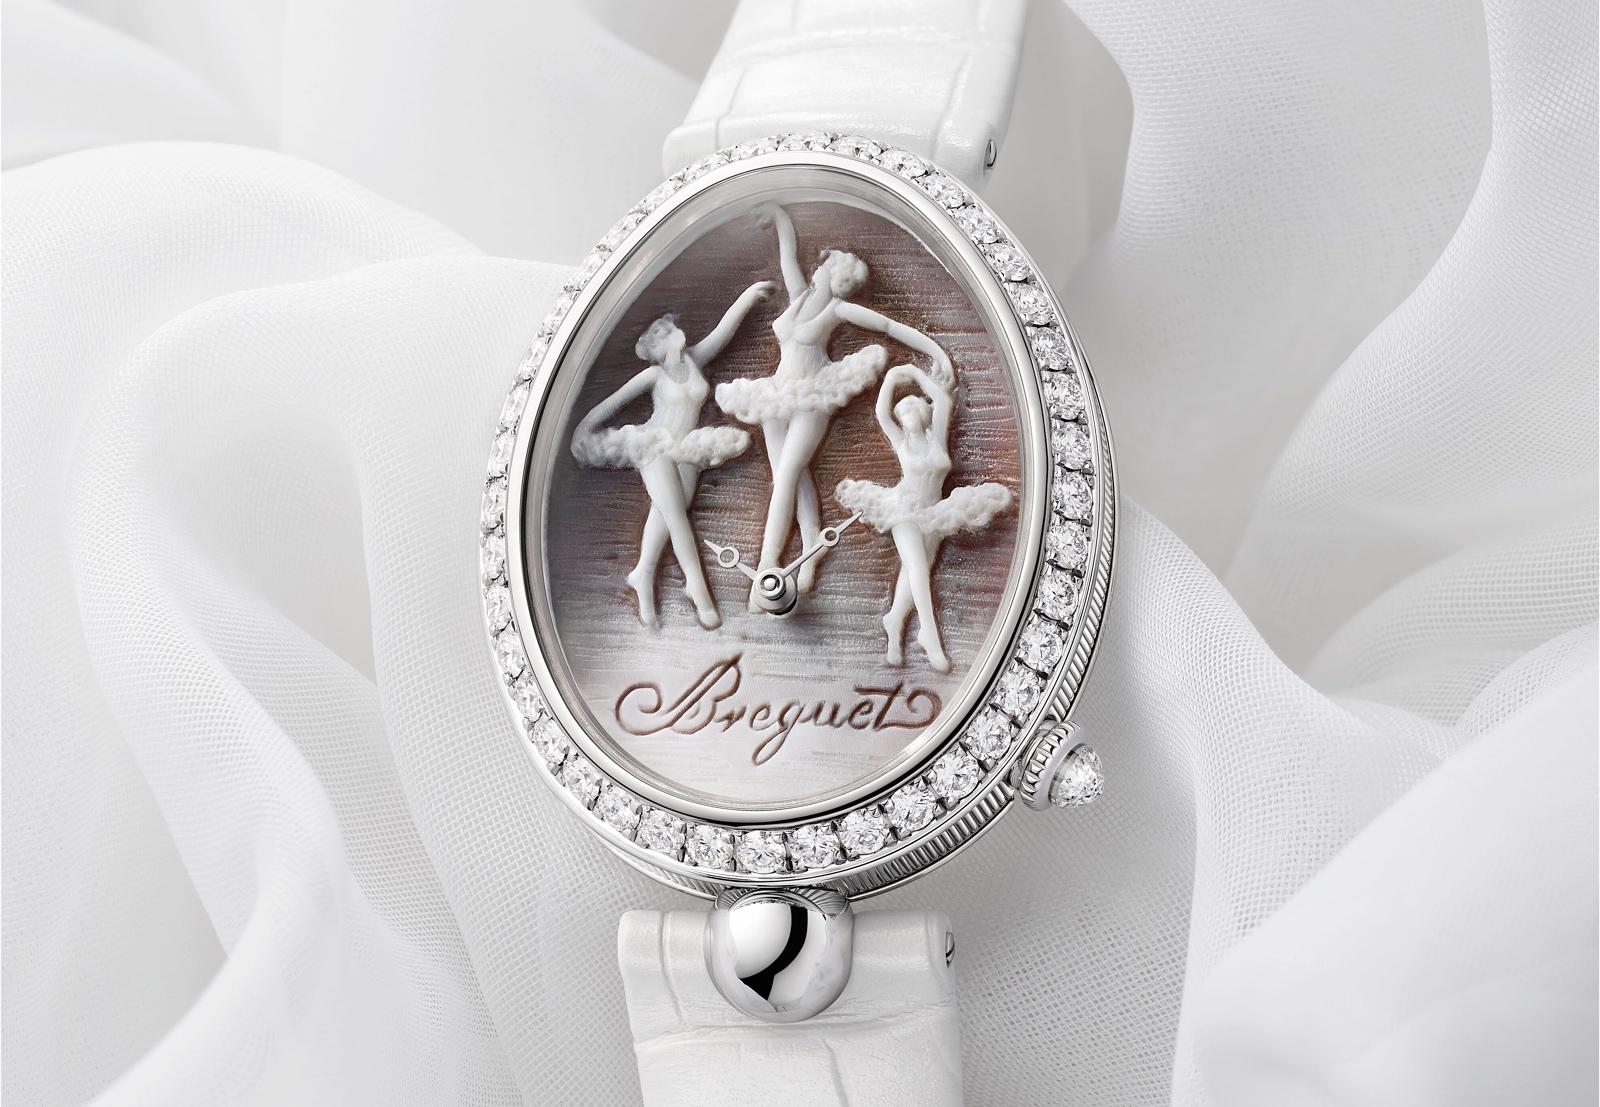 Breguet Reine De Naples 8958 Cammea Ballerina - dial